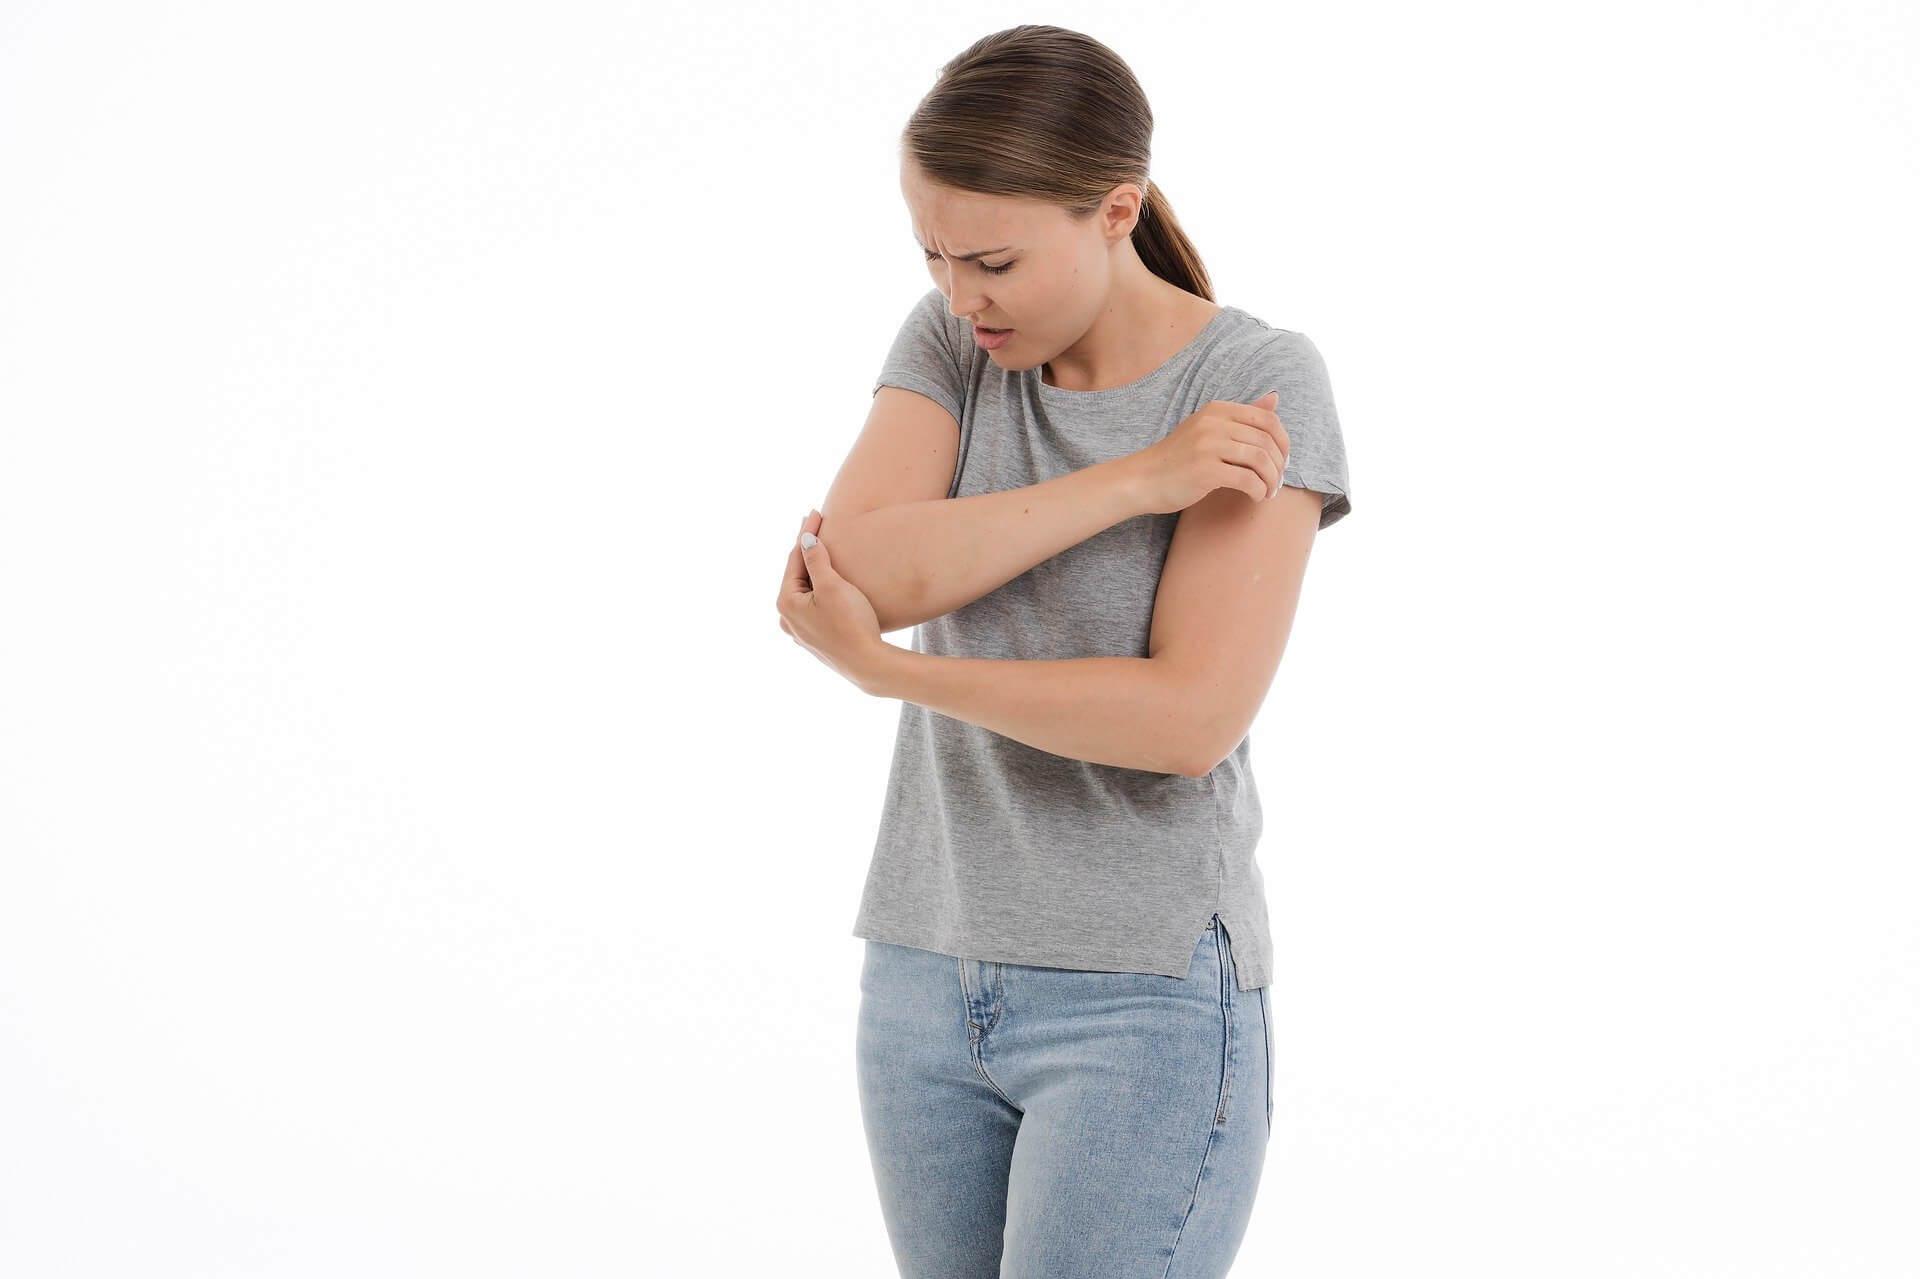 epicondilalgia lateral